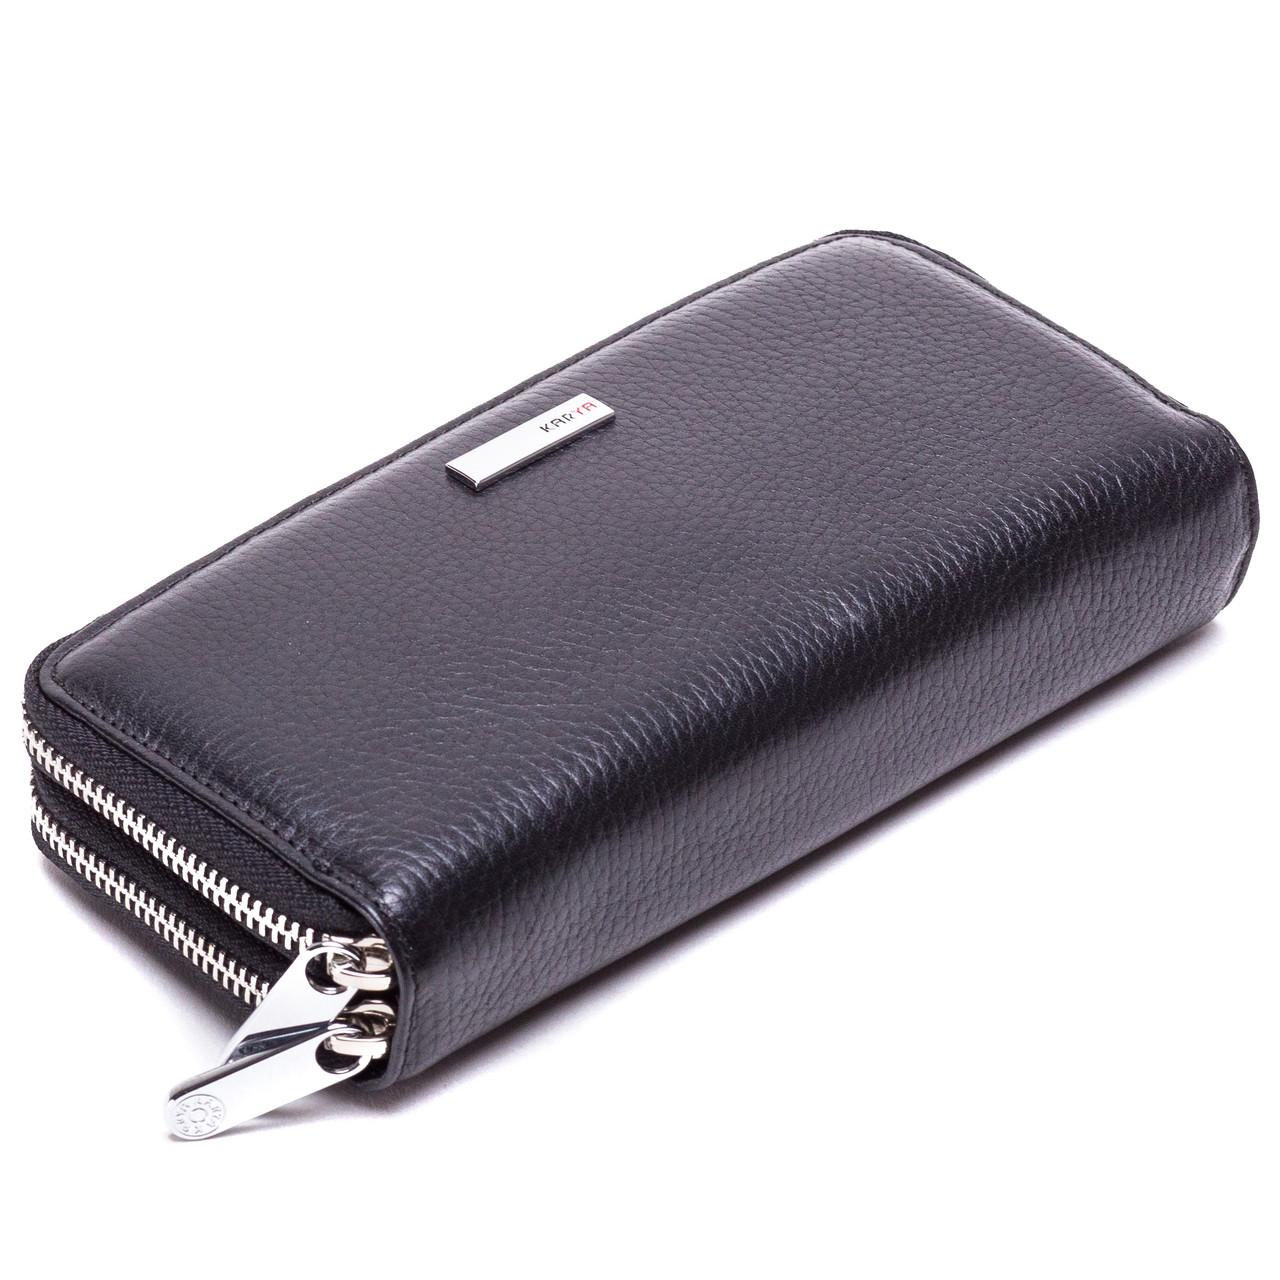 Жіночий гаманець Karya 1134-45 на дві блискавки шкіряний чорний